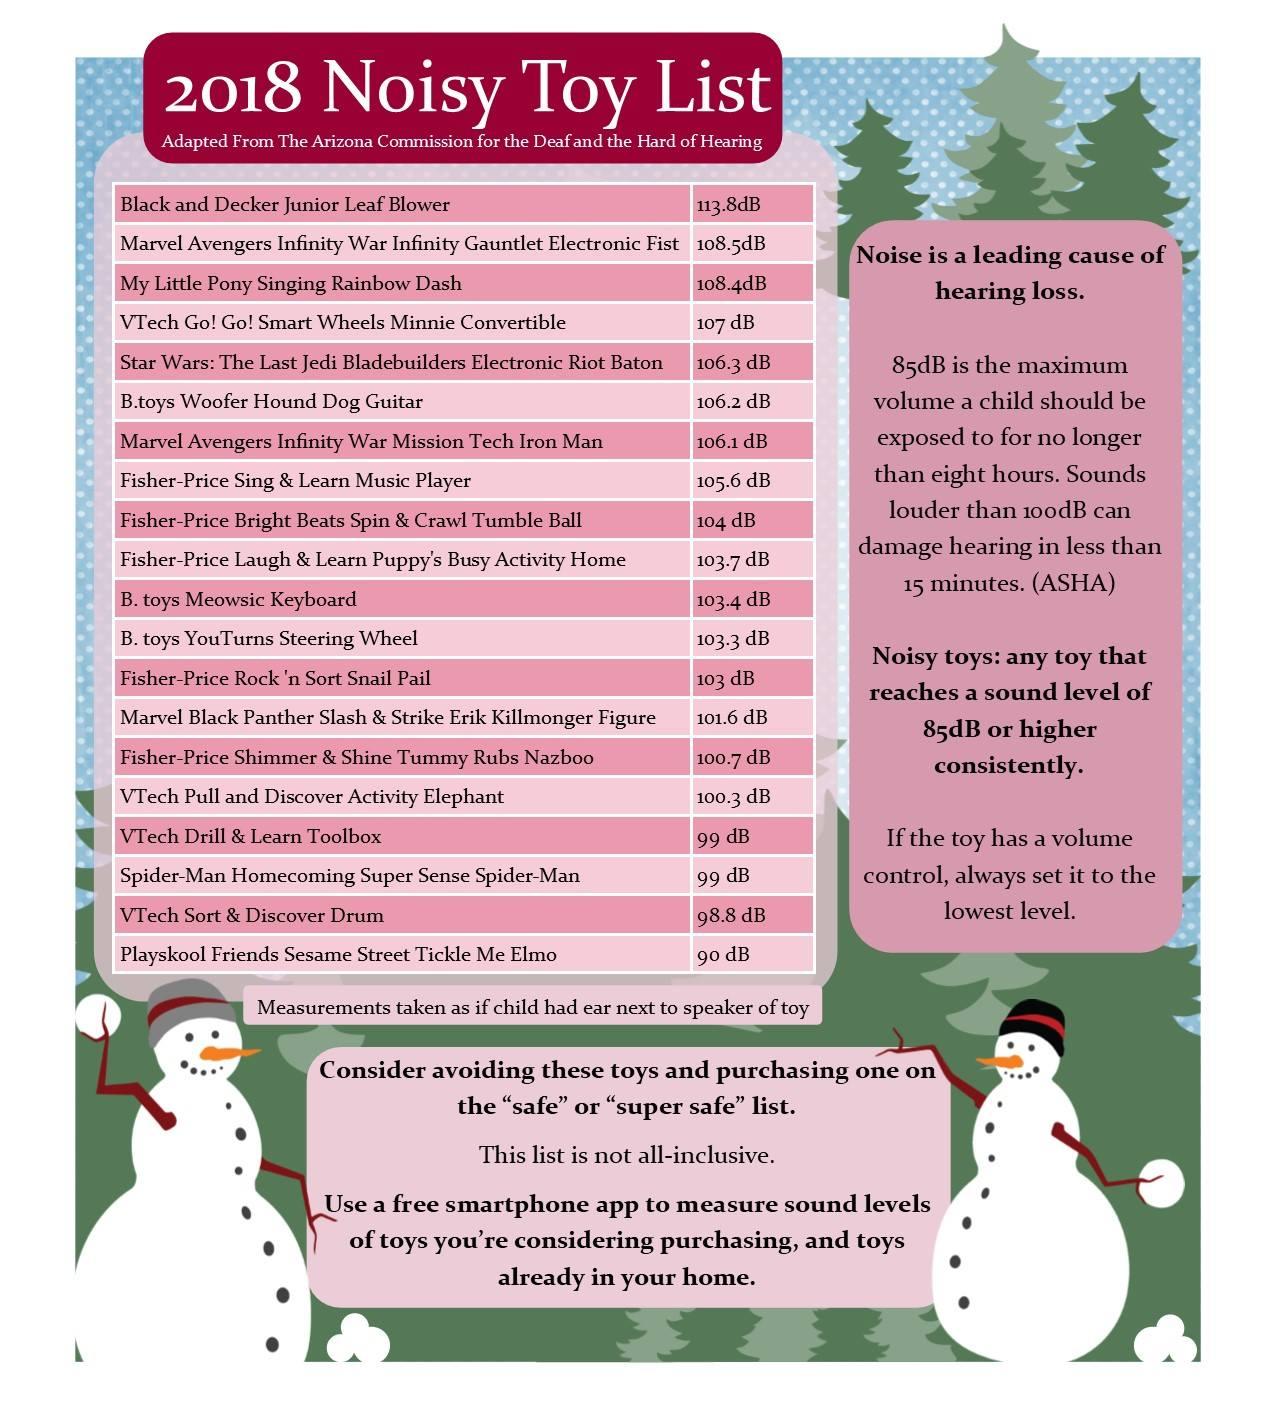 noisy toys 2018.jpg